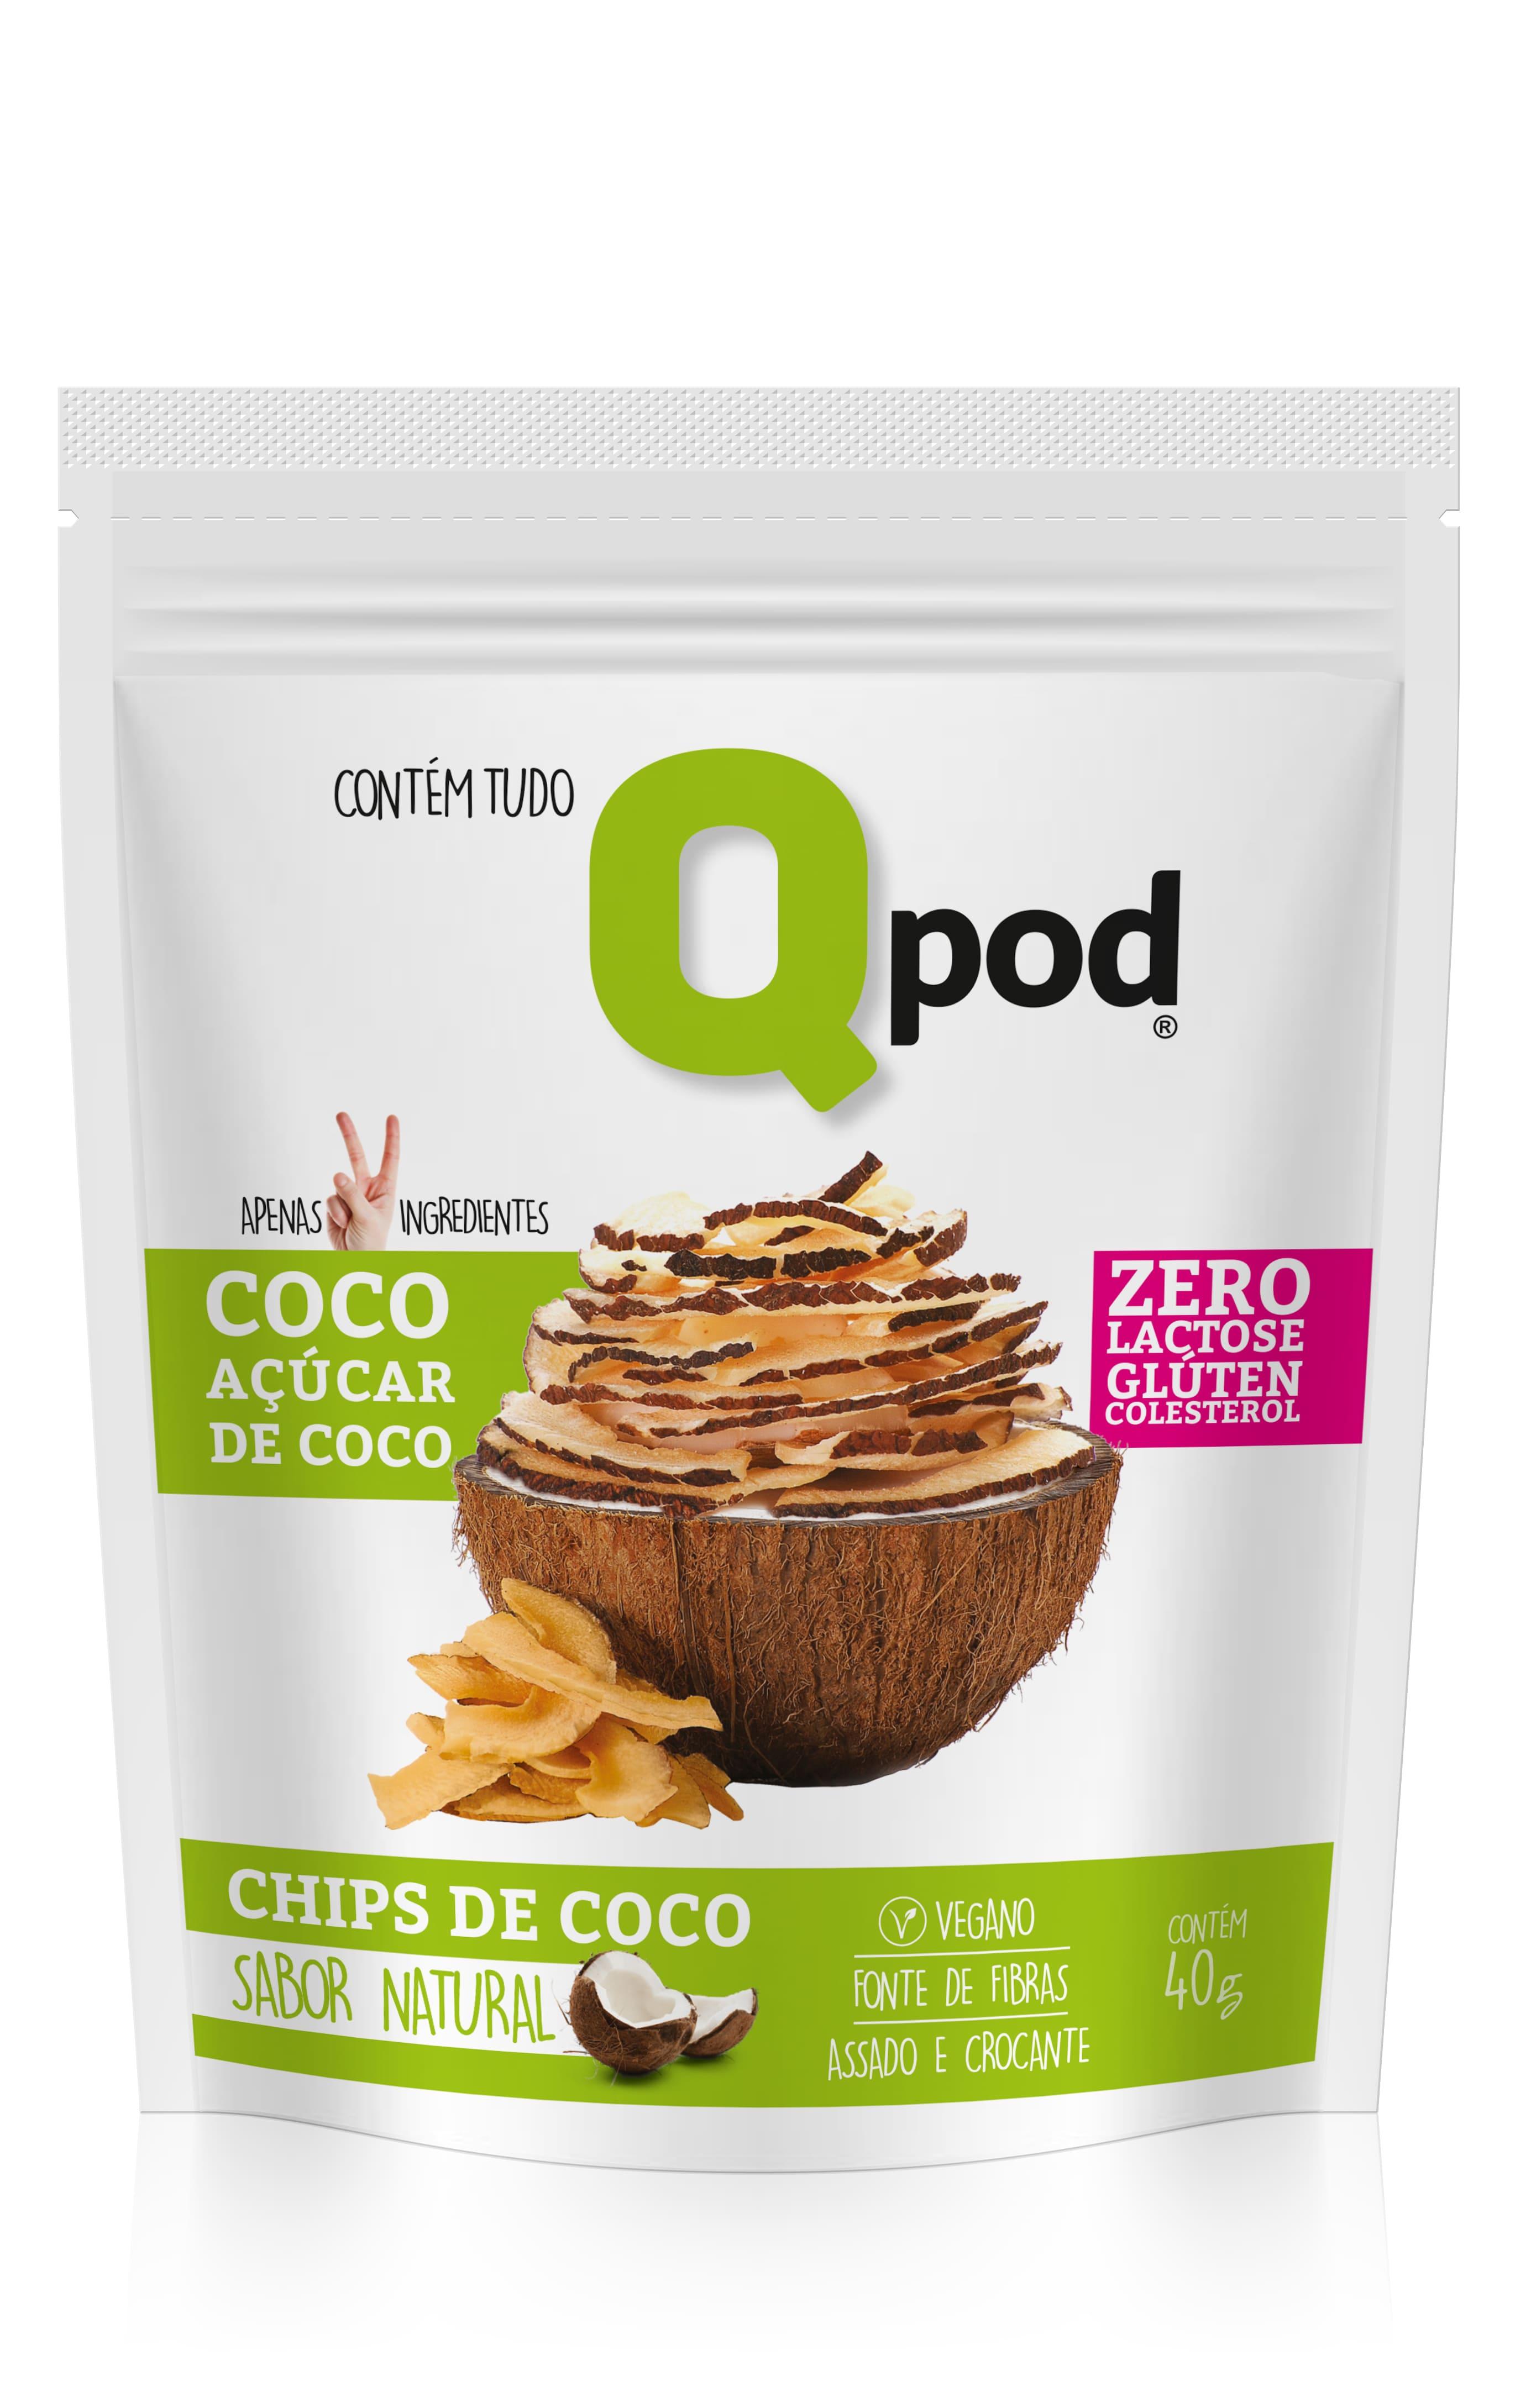 CHIPS DE COCO NATURAL ACUCAR DE COCO 40g